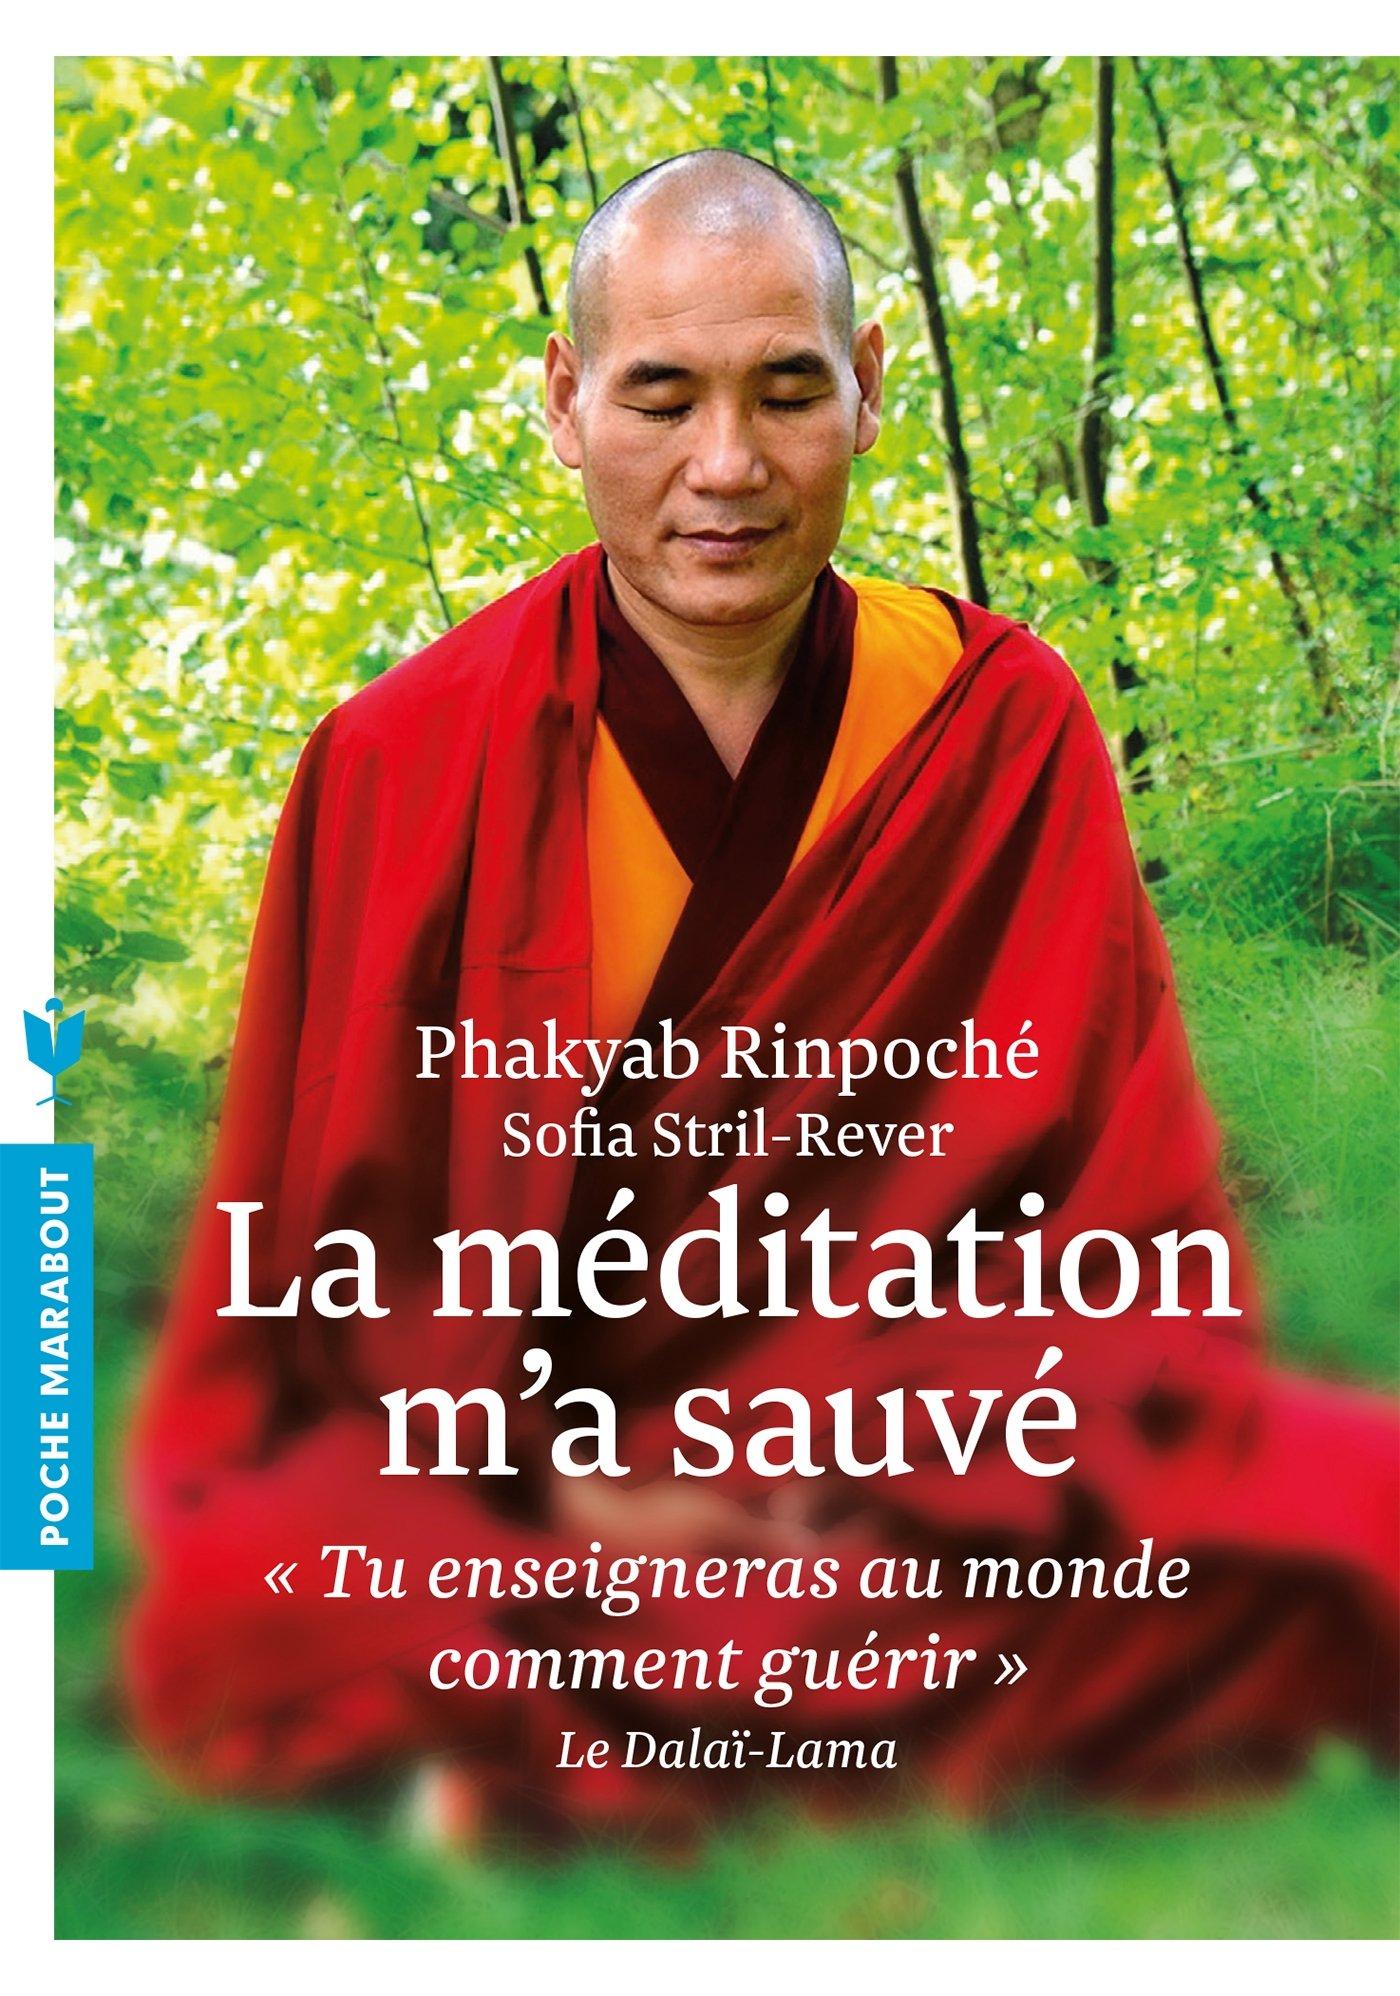 Amazon.fr - La méditation m'a sauvé: « Tu enseigneras au monde comment  guérir » Le Dalaï-Lama - Phakyab Rinpoché, Sofia Stril Rever - Livres